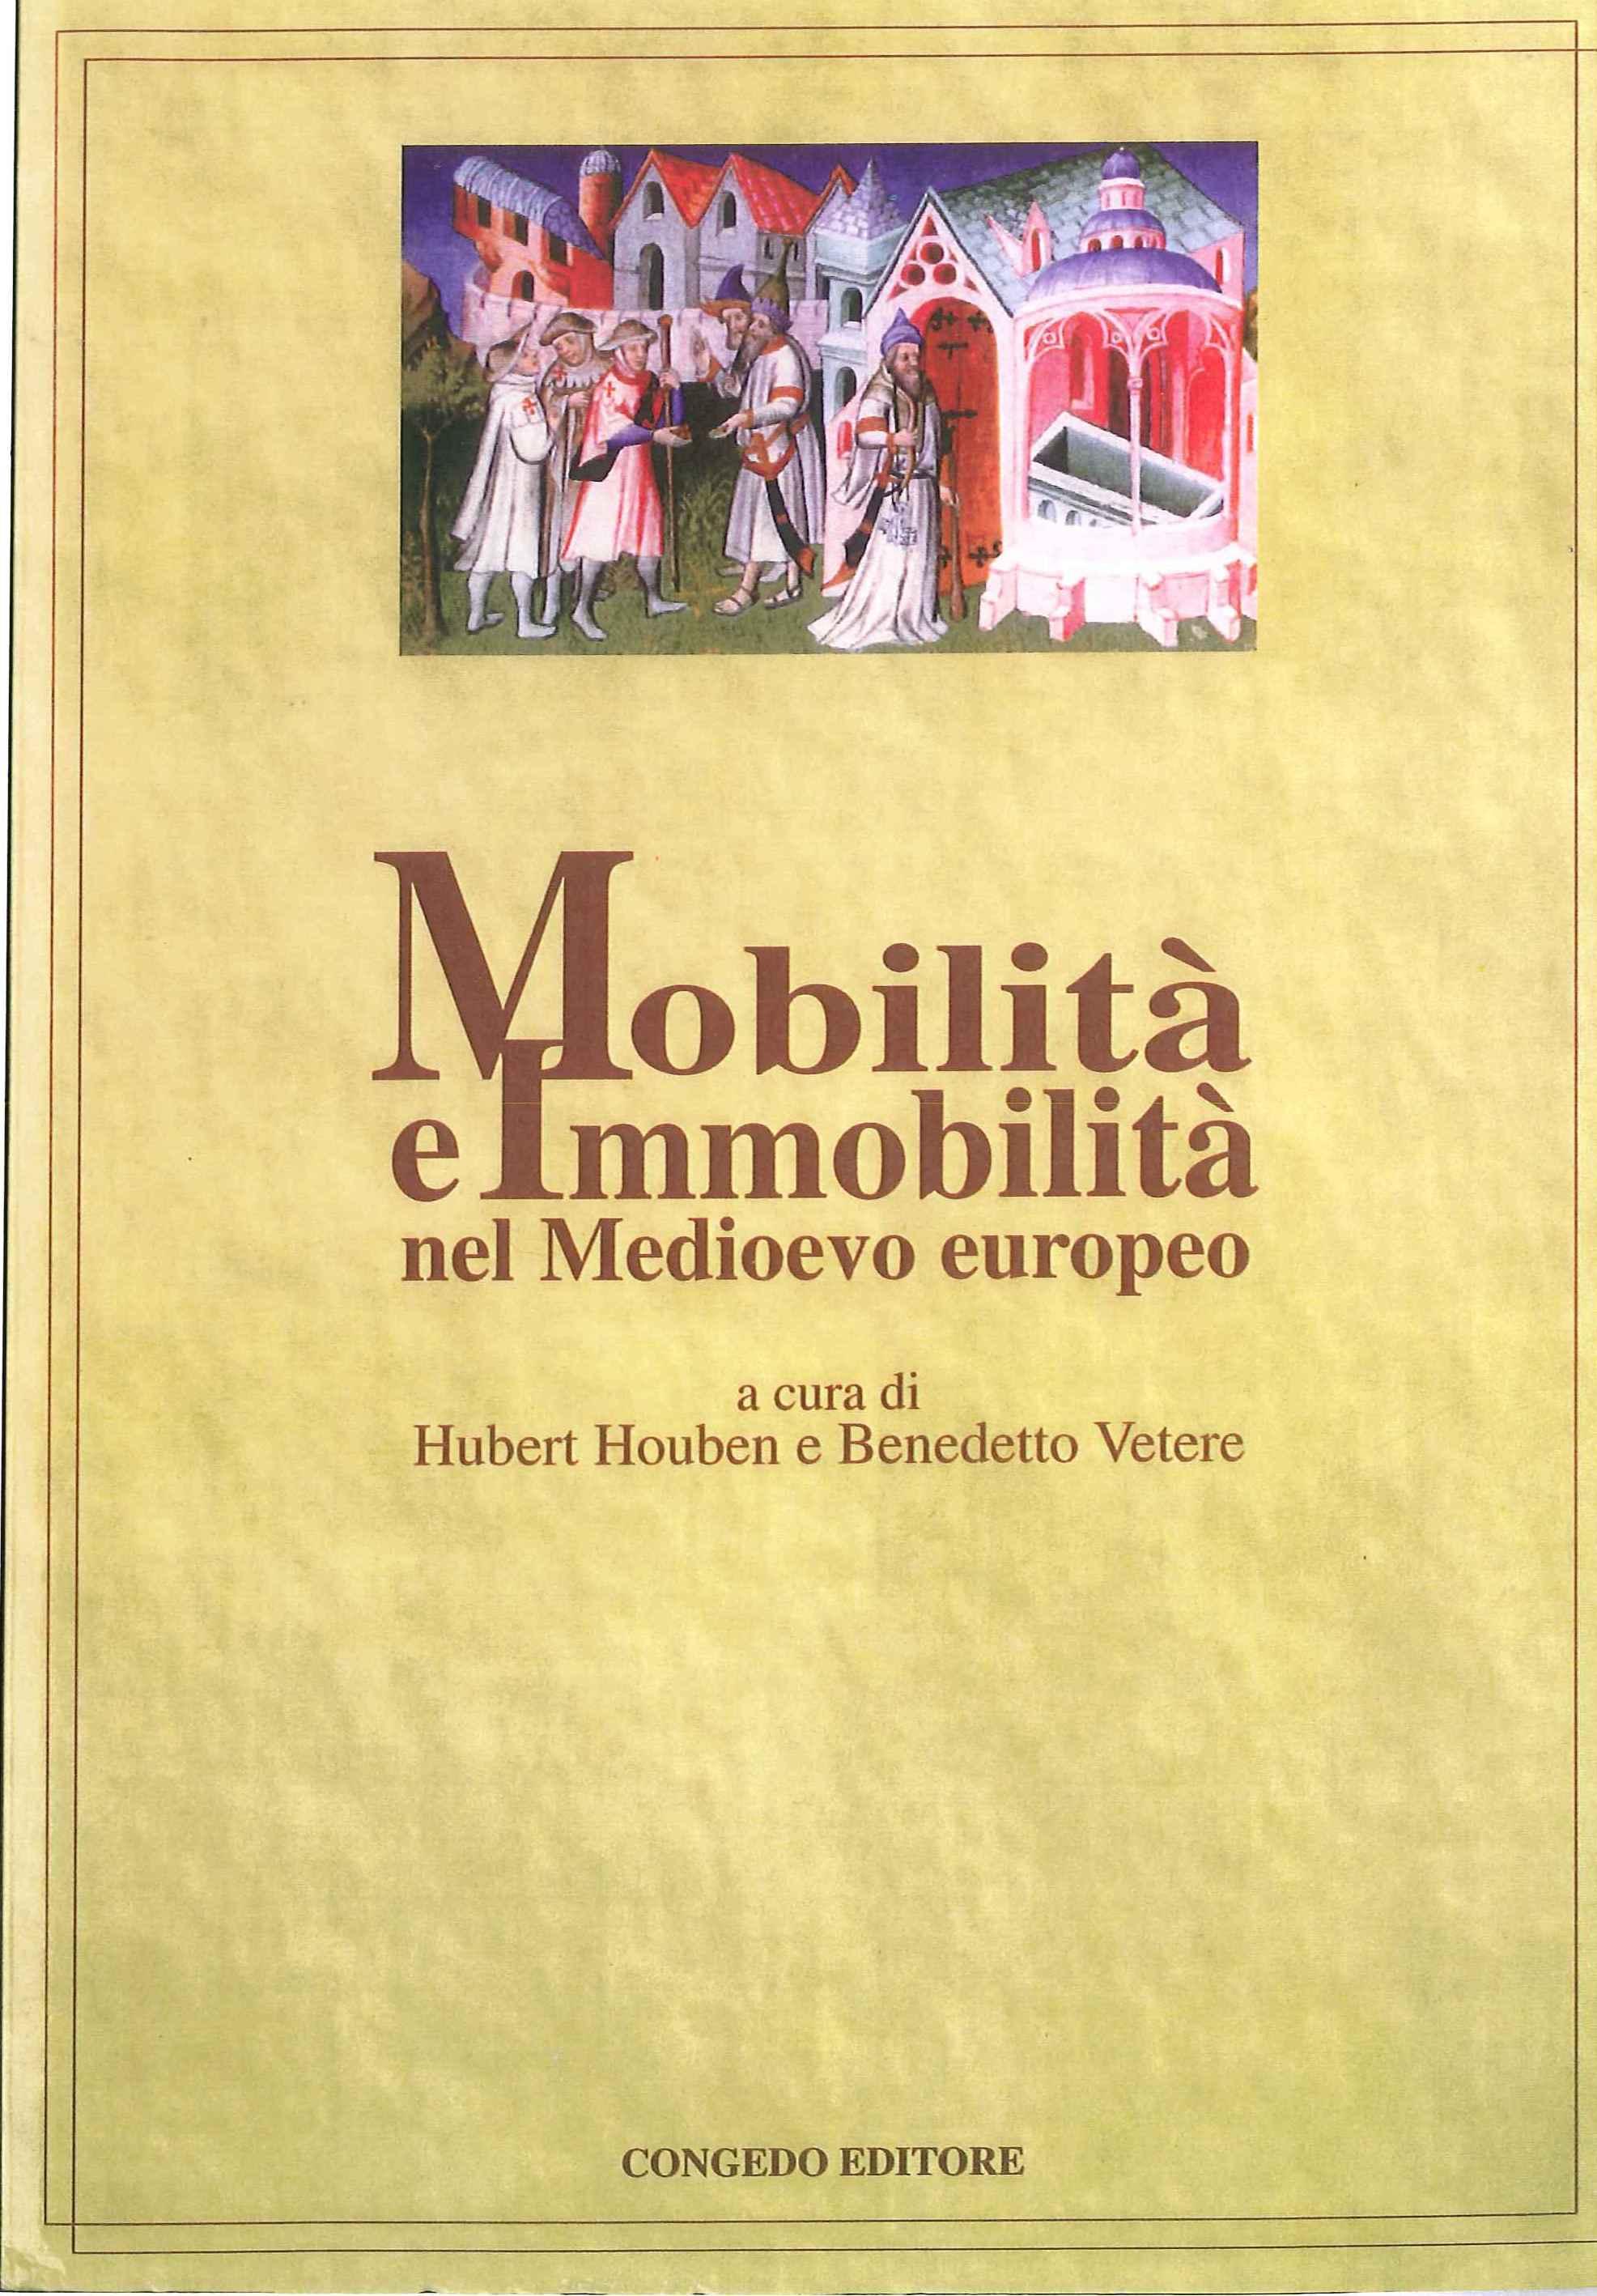 Il pellegrinaggio inglese in Italia nel medioevo: Roma e il Santuario di San Michele Arcangelo al Gargano tra VII e XIV secolo-Anna Spiezia